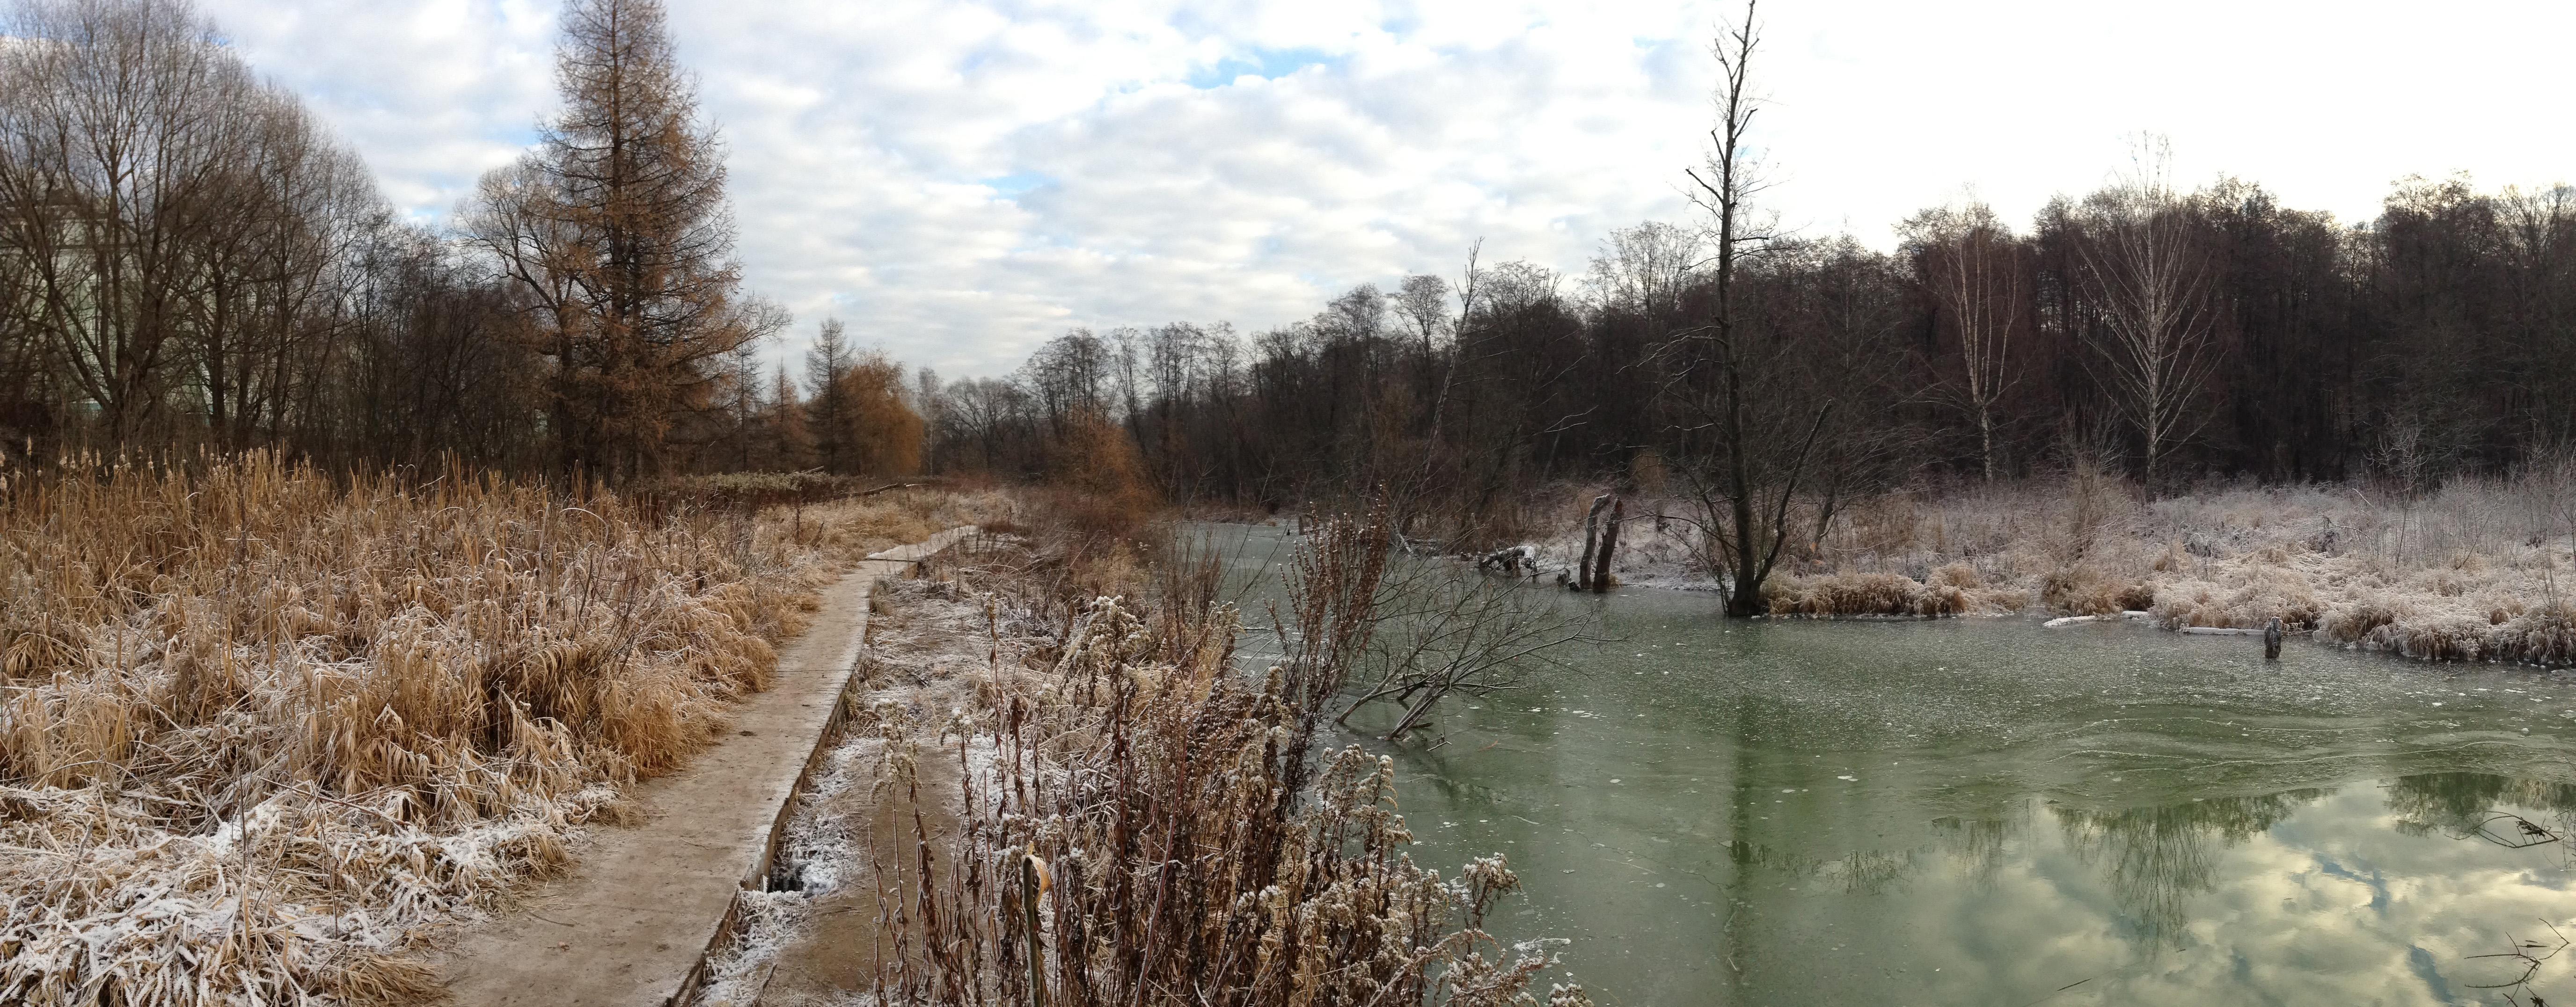 Осенний пейзаж река природа Альберт Сафиуллин